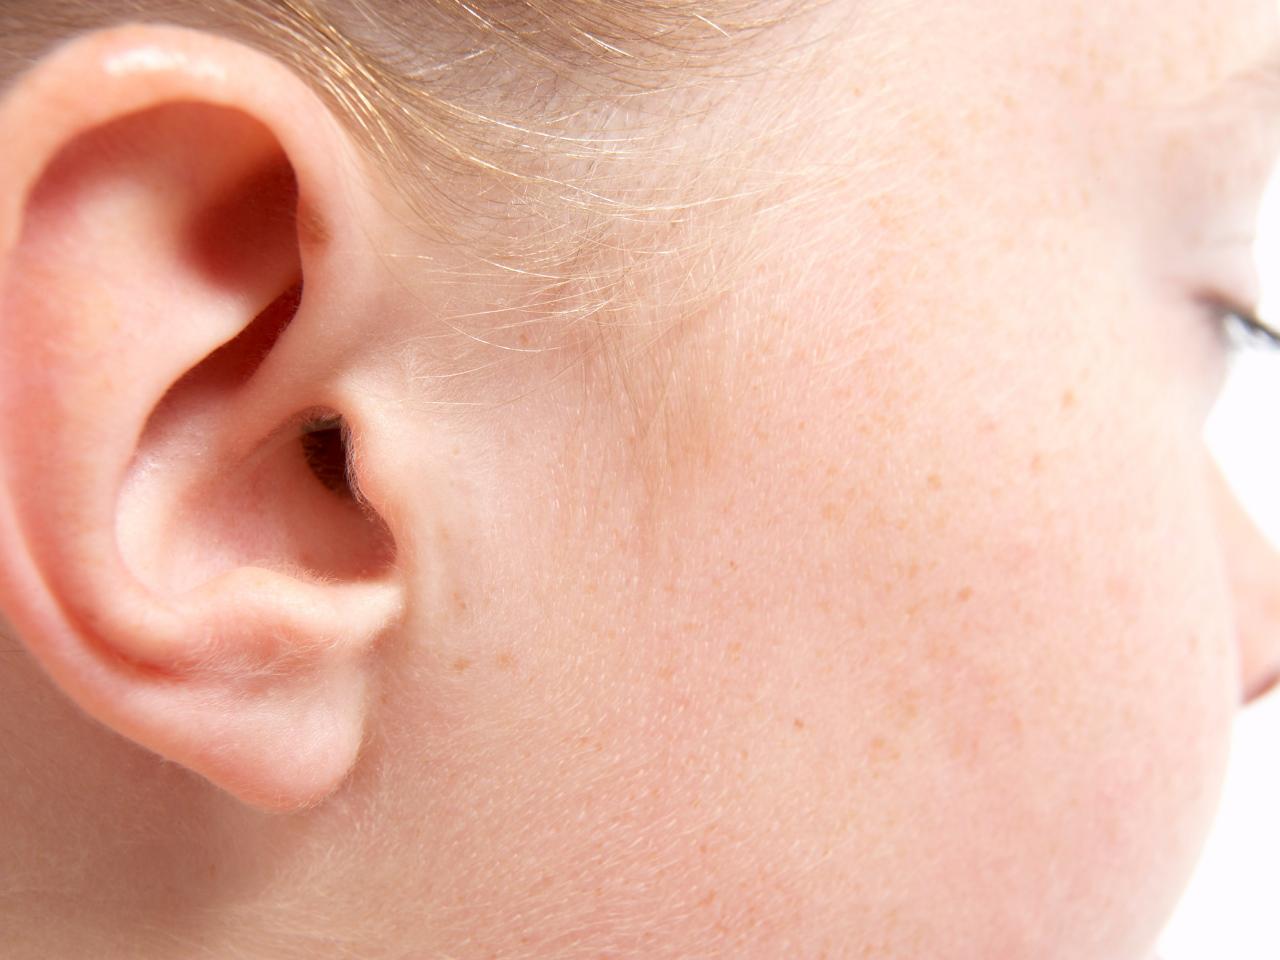 запах из уха у ребенка причины